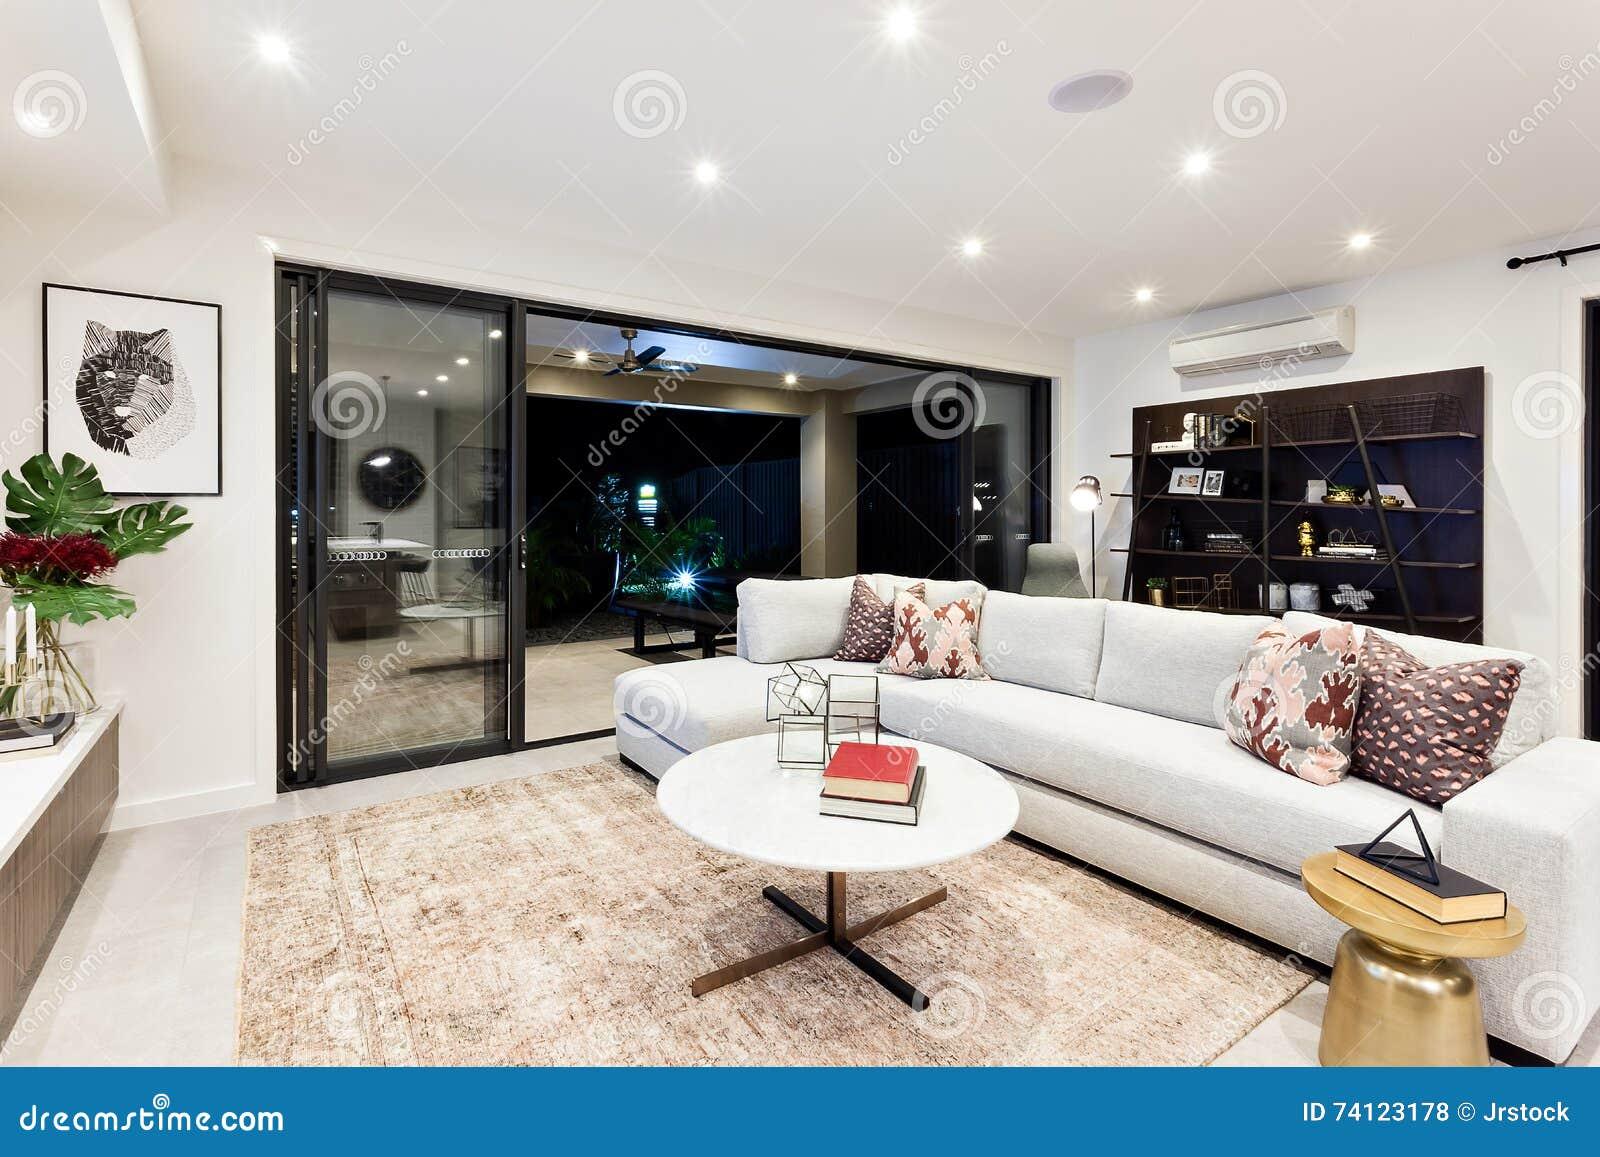 Moderner Wohnbereich Mit äußerer Patioansicht Nachts Stockfoto